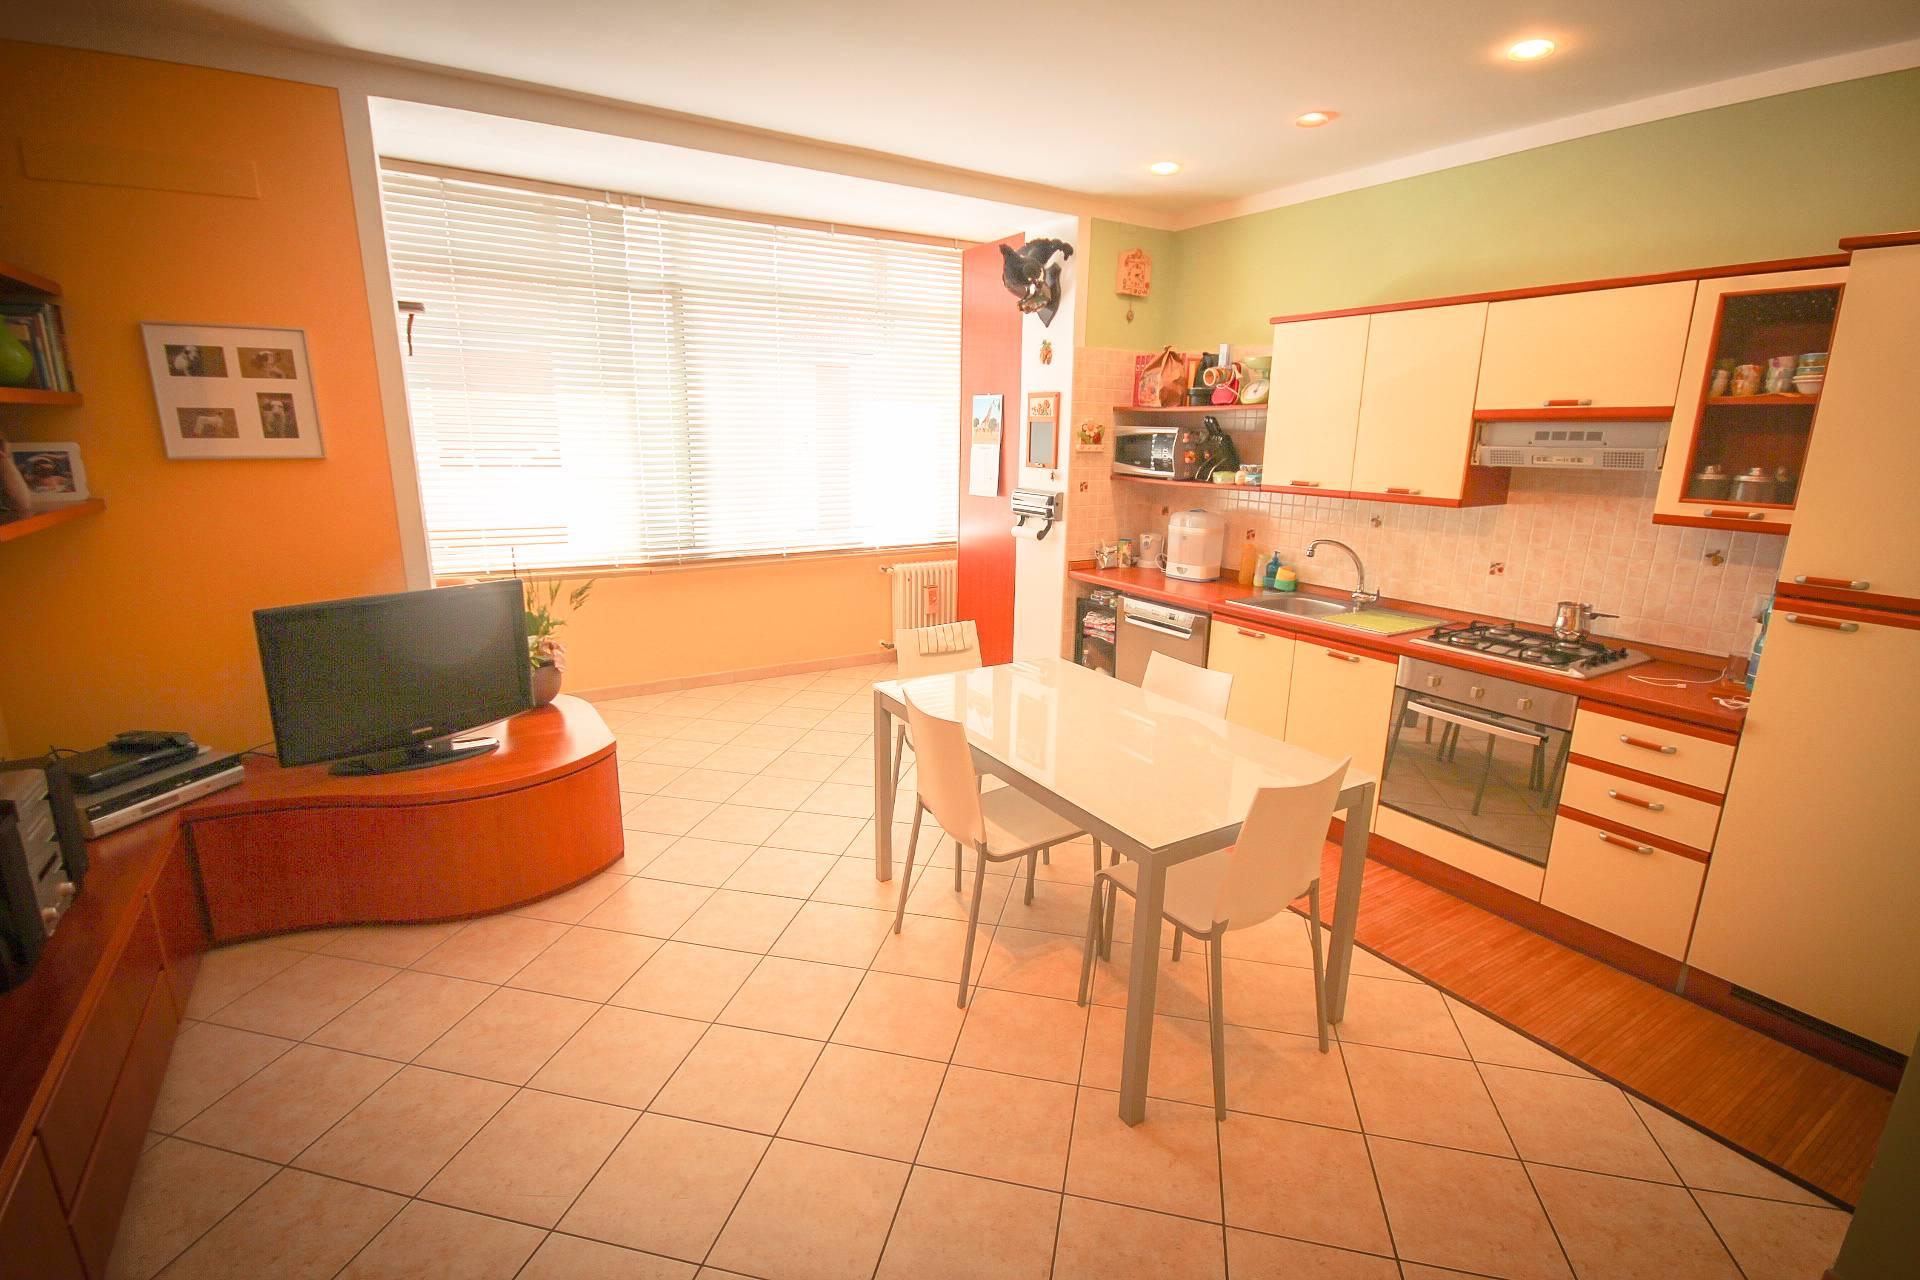 Appartamento in vendita a Verbania, 2 locali, zona Zona: Intra, Trattative riservate | Cambio Casa.it